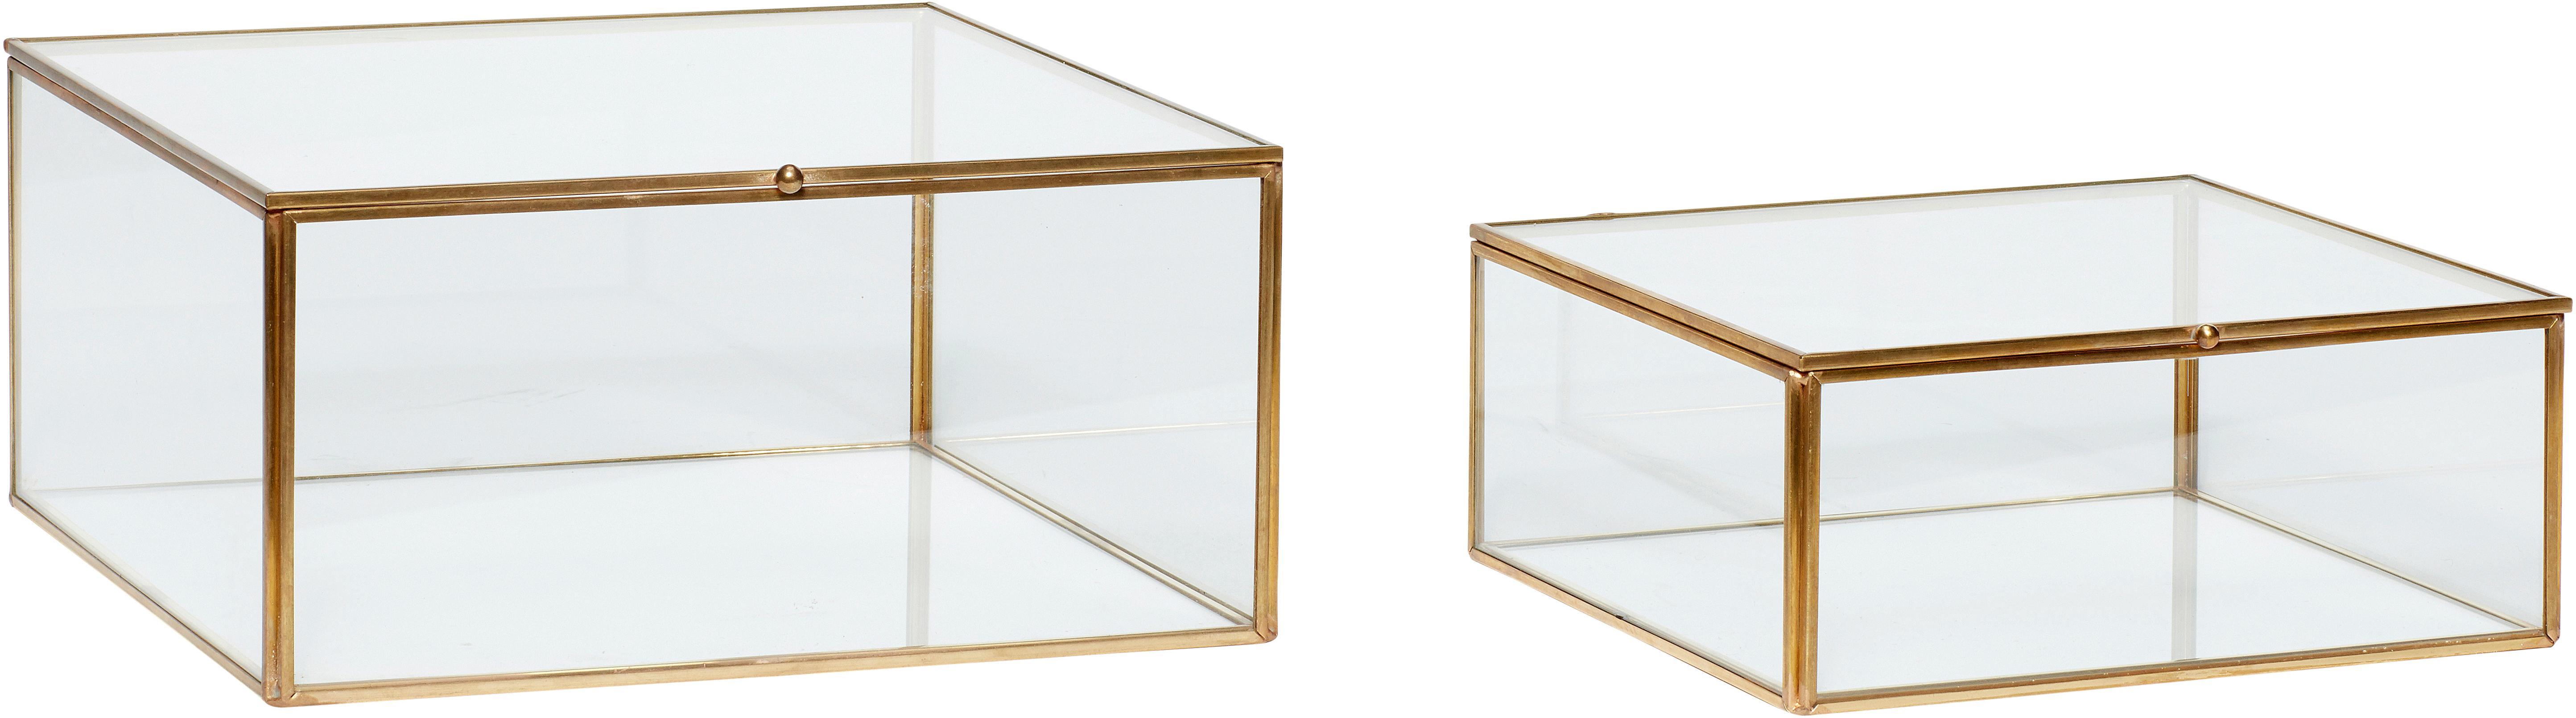 Komplet pudełek do przechowywania Karie, 2 elem., Mosiądz, transparentny, Komplet z różnymi rozmiarami